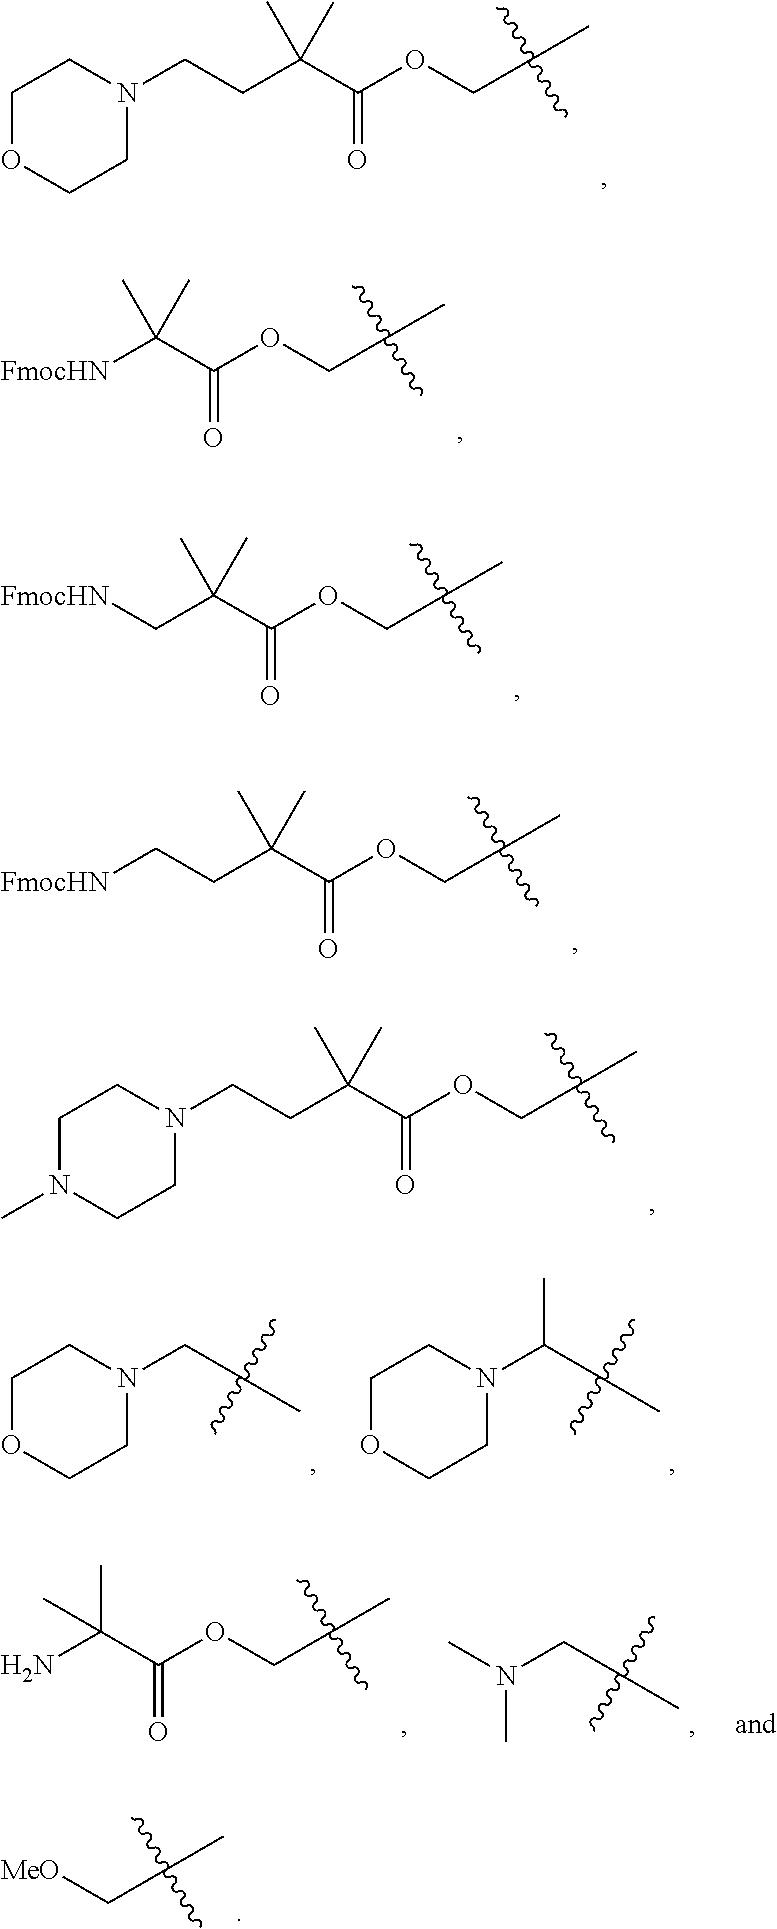 Figure US09982257-20180529-C00134